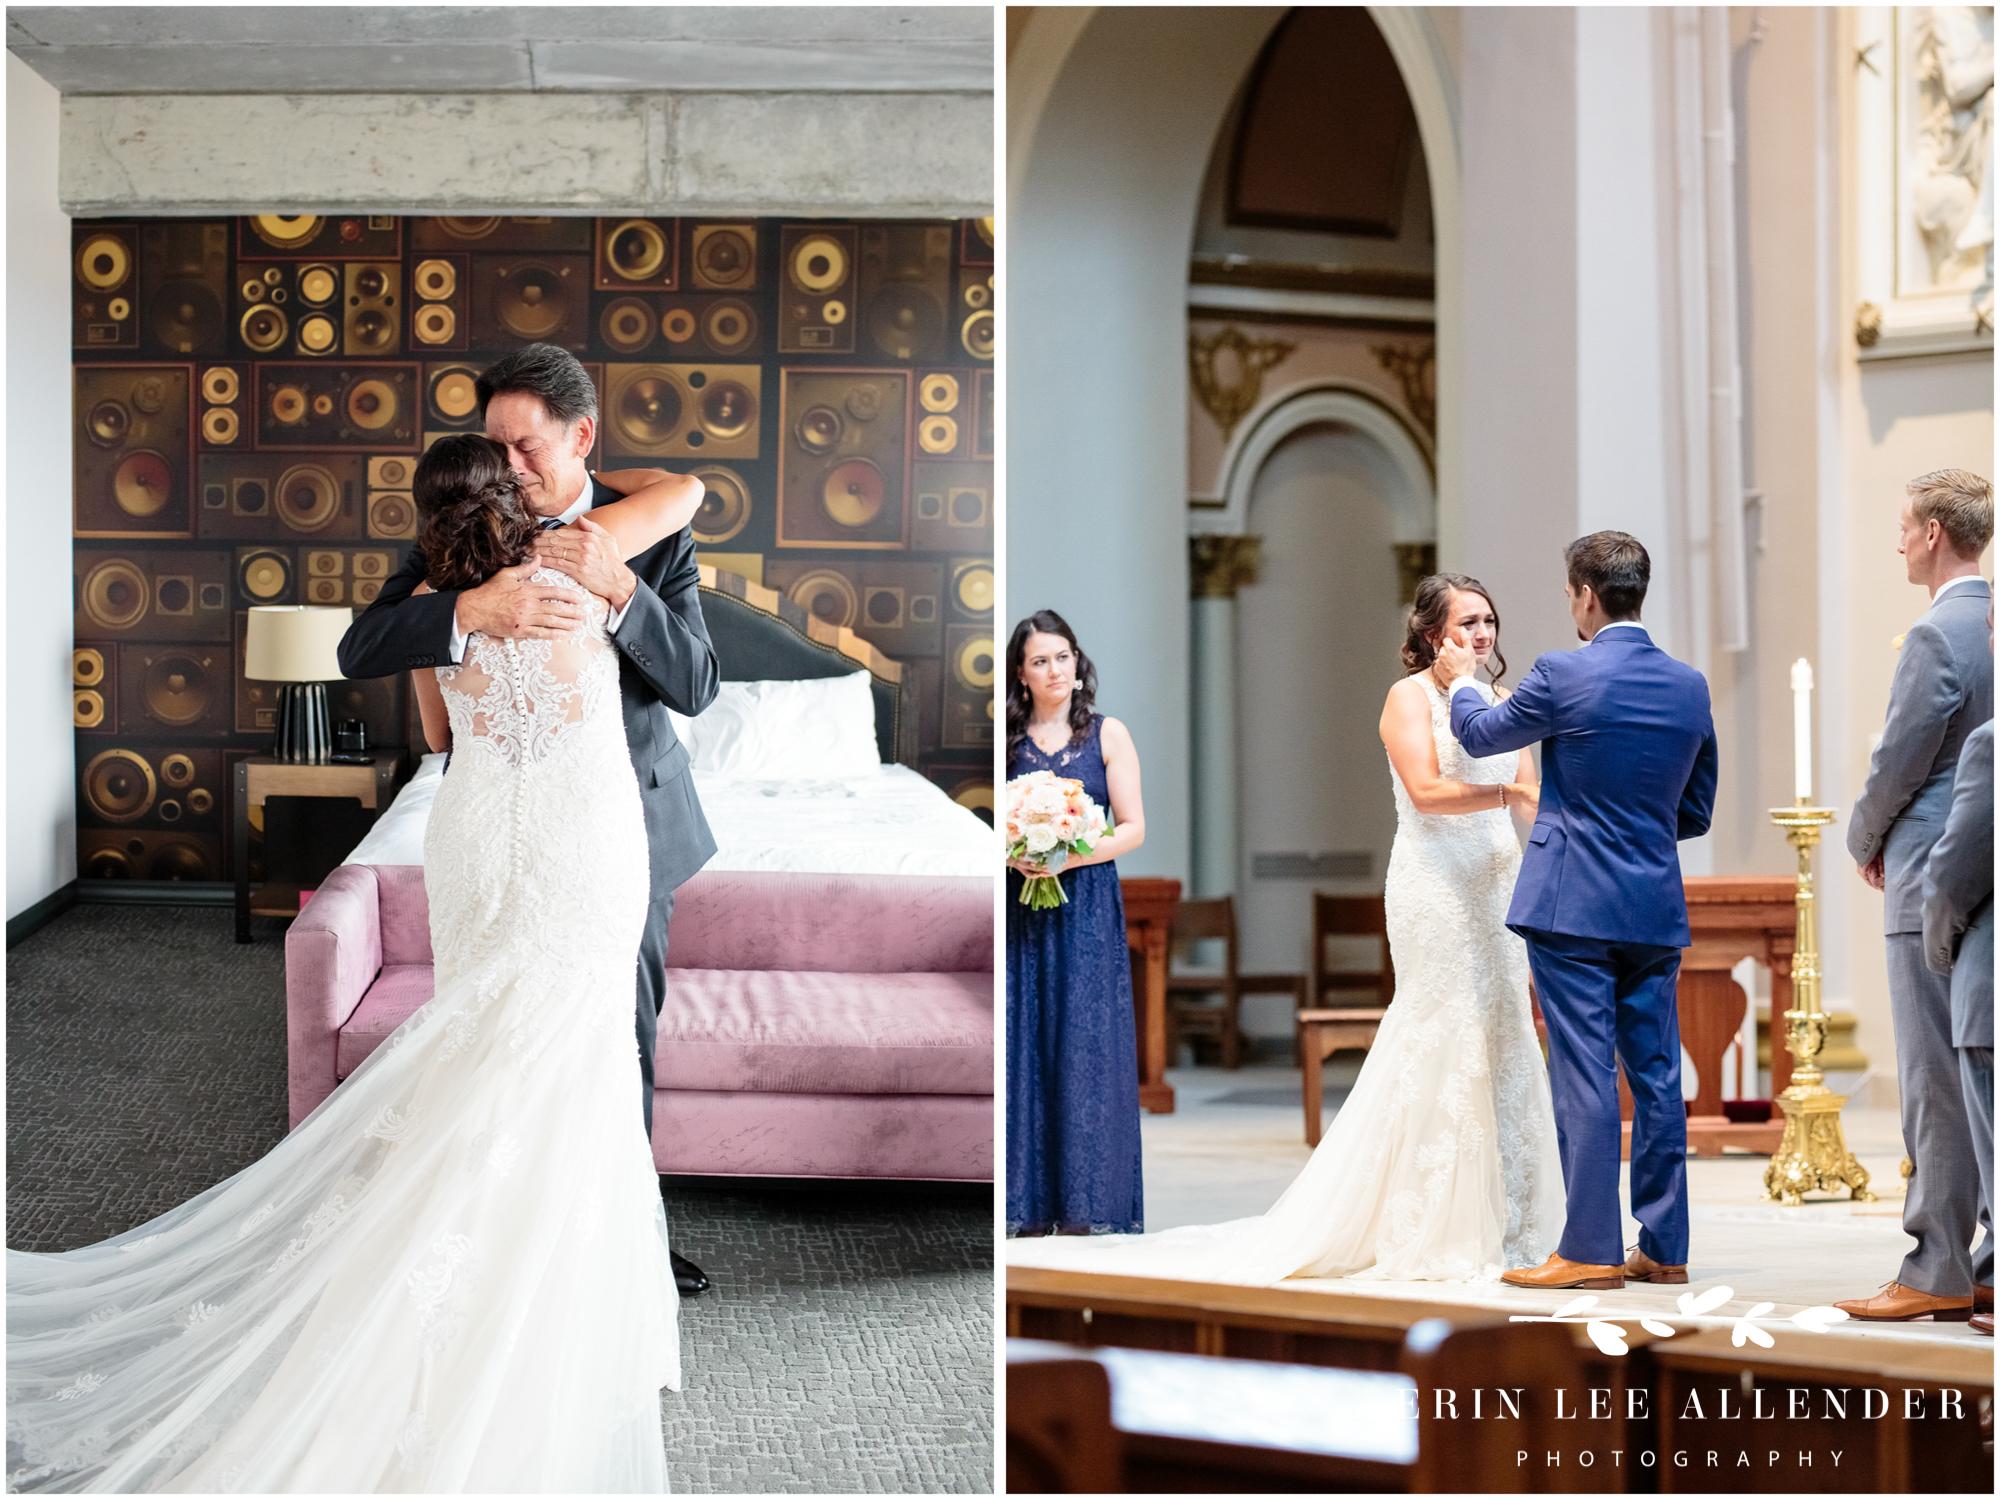 Groom-wipes-tears-from-bride